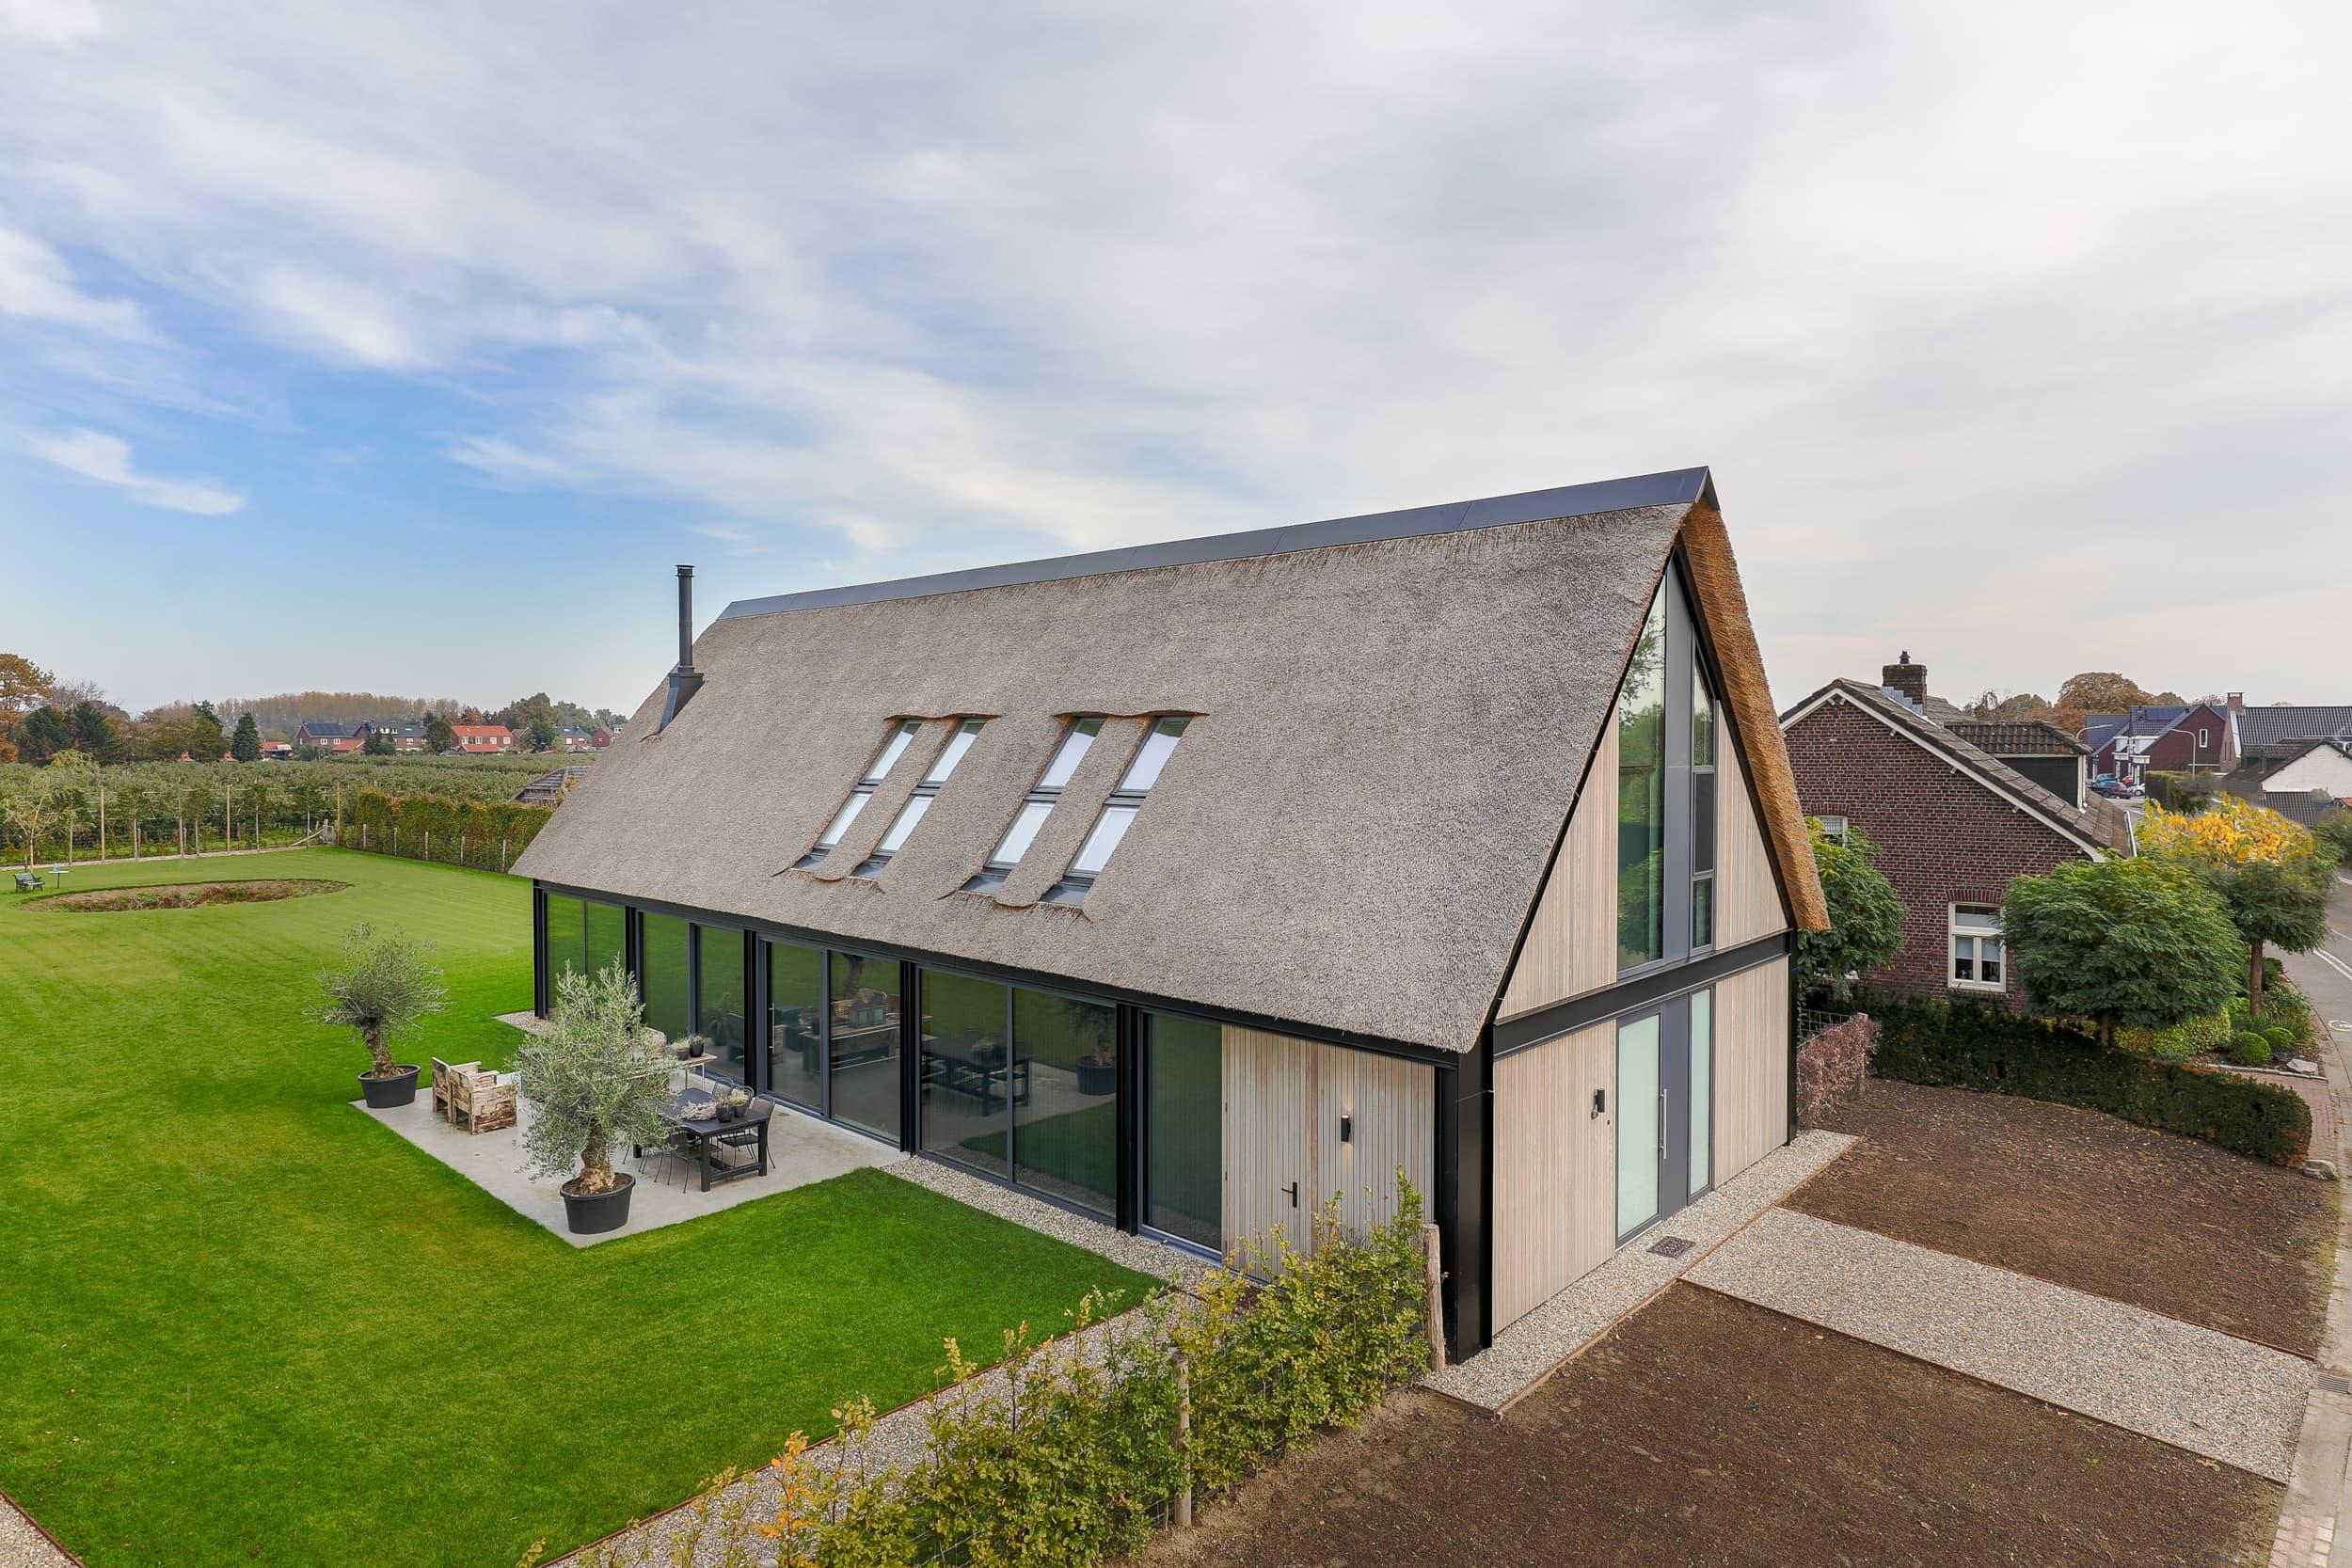 van-os-architecten-nieuwbouw-schuurwoning-sevenum-met-rieten-kap-en-aluminium-kozijnen-gevel-straatzijde